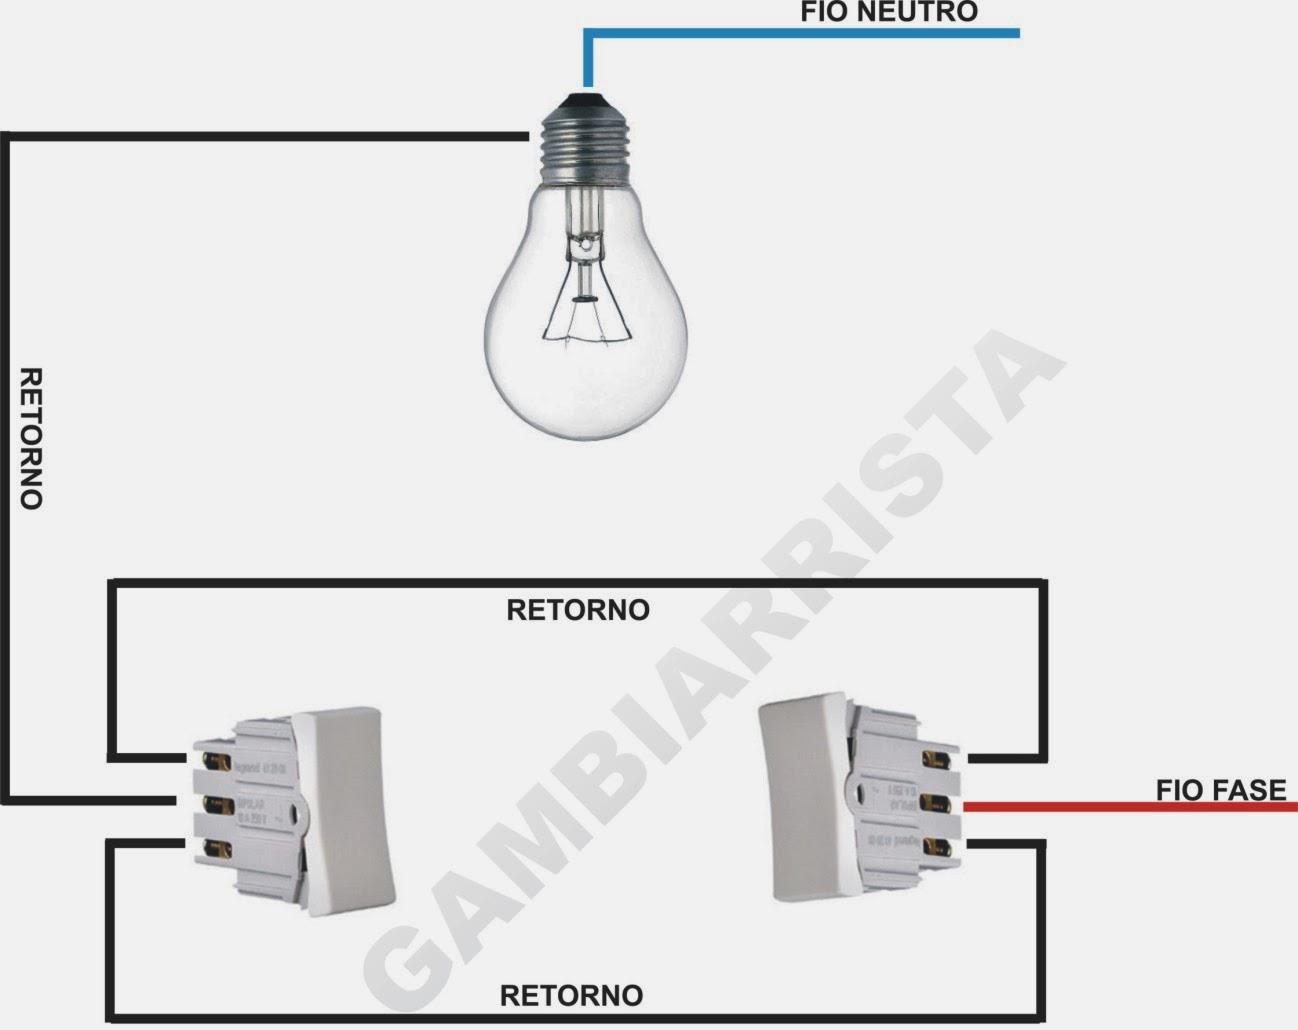 Circuito Paralelo : Eletricista circuito paralelo